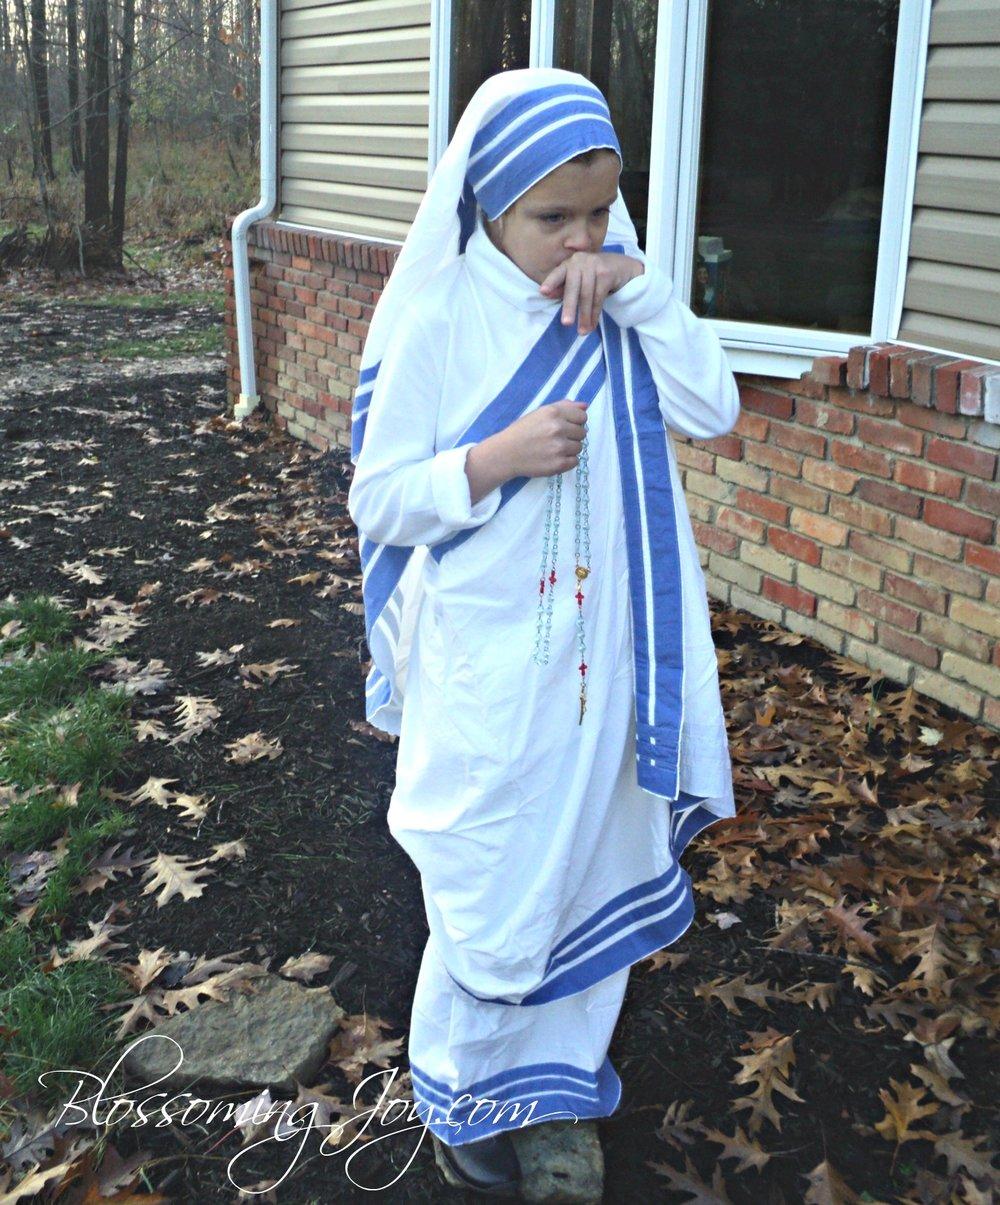 Mother+Teresa+costume+2.jpg